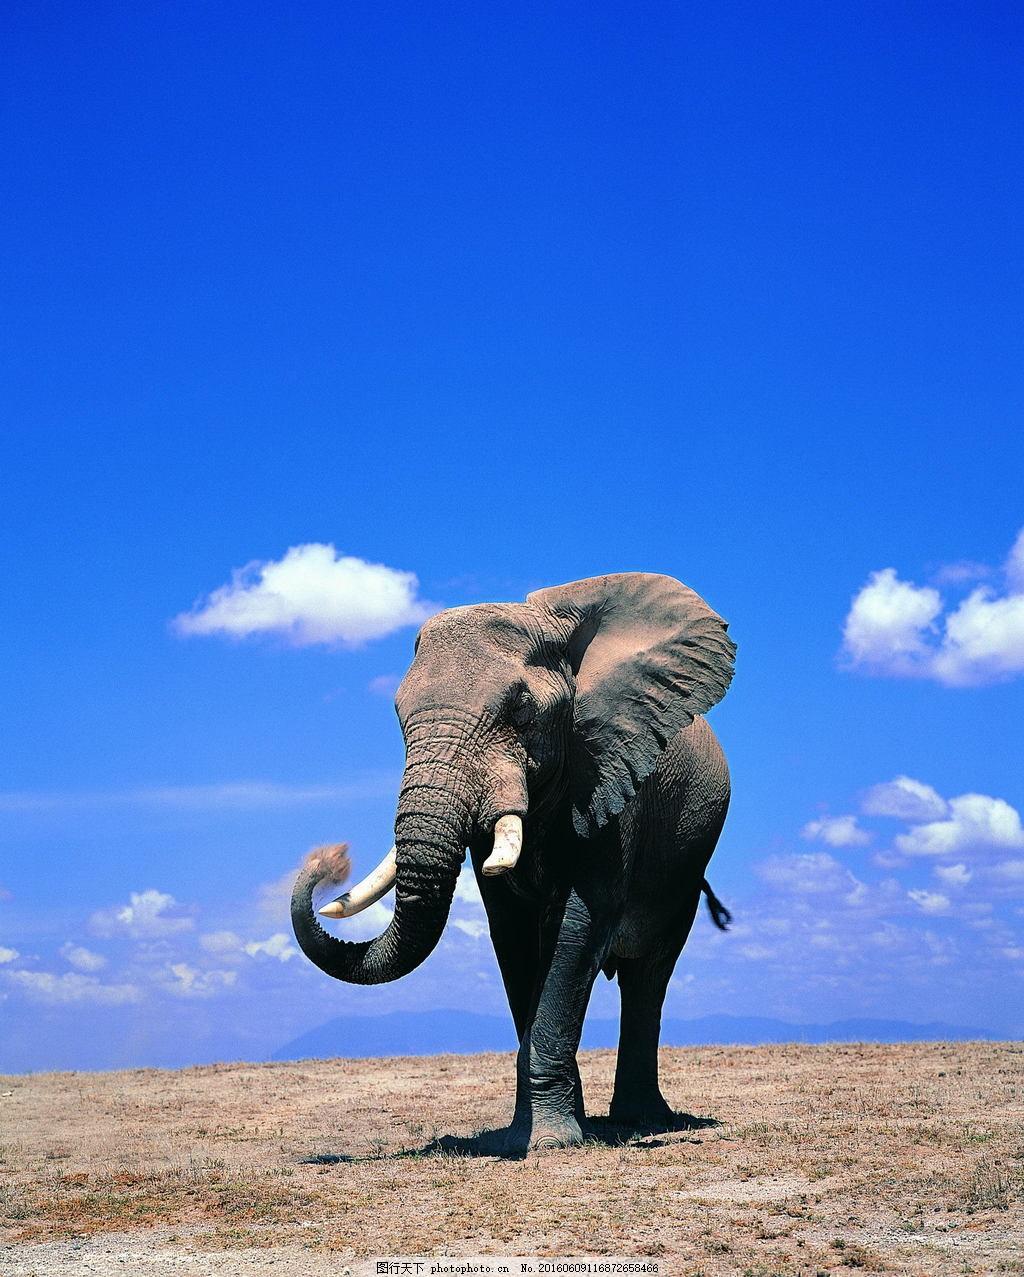 非洲大象 非洲象 野生大象 动物